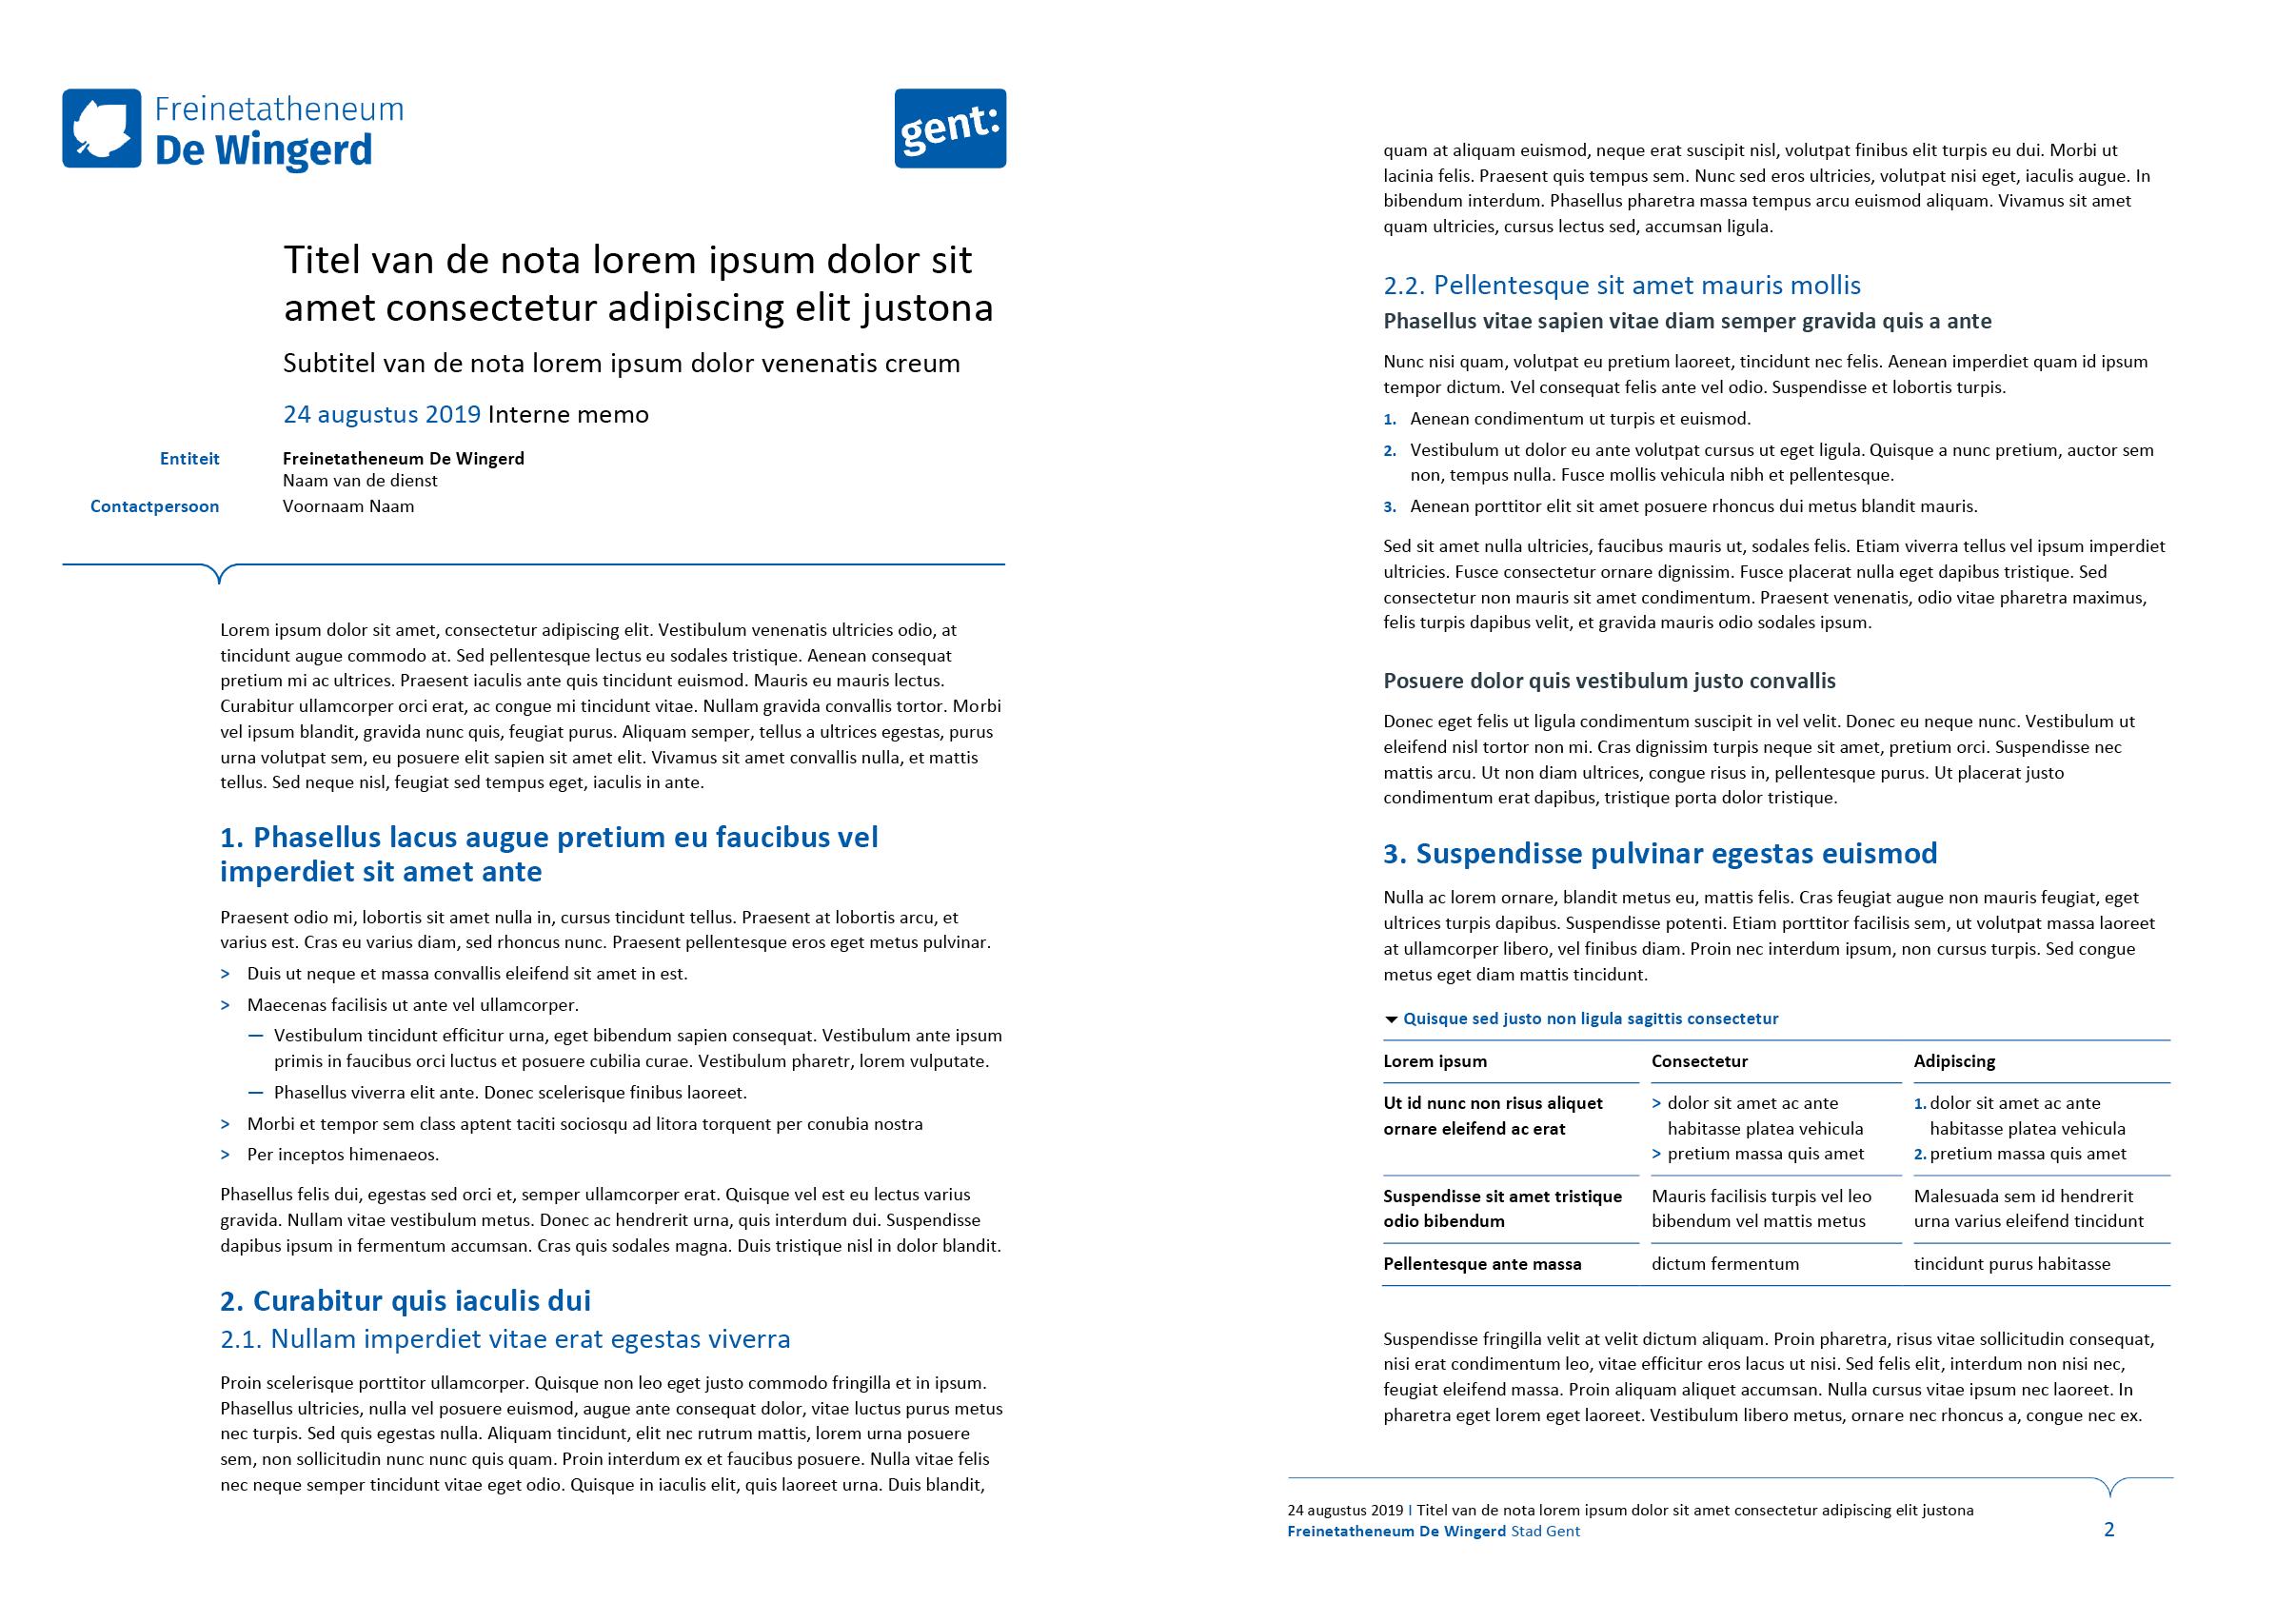 Nota, gepersonaliseerd voor de submerken van het secundair onderwijs (ingevuld). Microsoft Word-sjabloon voor de Stad Gent.